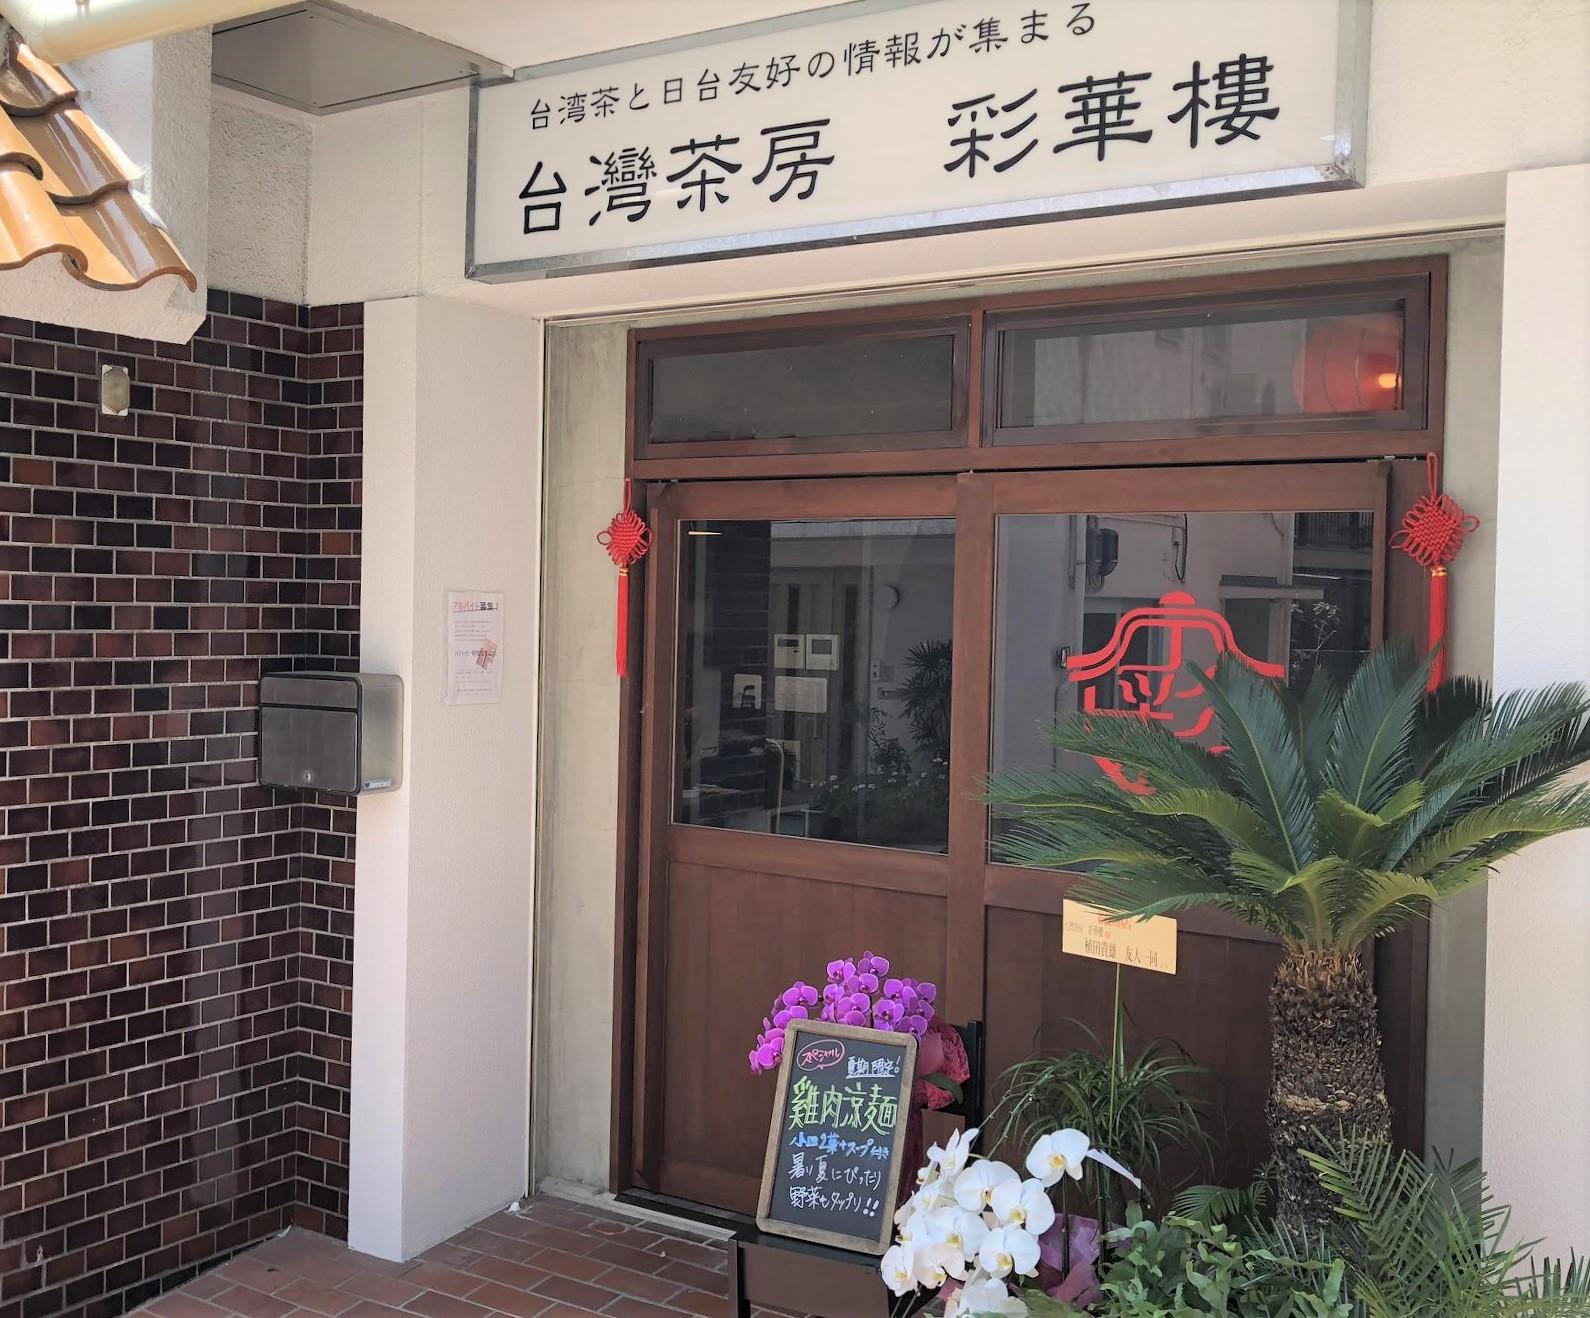 神戸・岡本に「台灣茶房 彩華樓」ってお店がオープンしてたよ! #台湾茶 #台湾料理 #神戸岡本 #新規オープン #彩華樓 #岡本ランチ